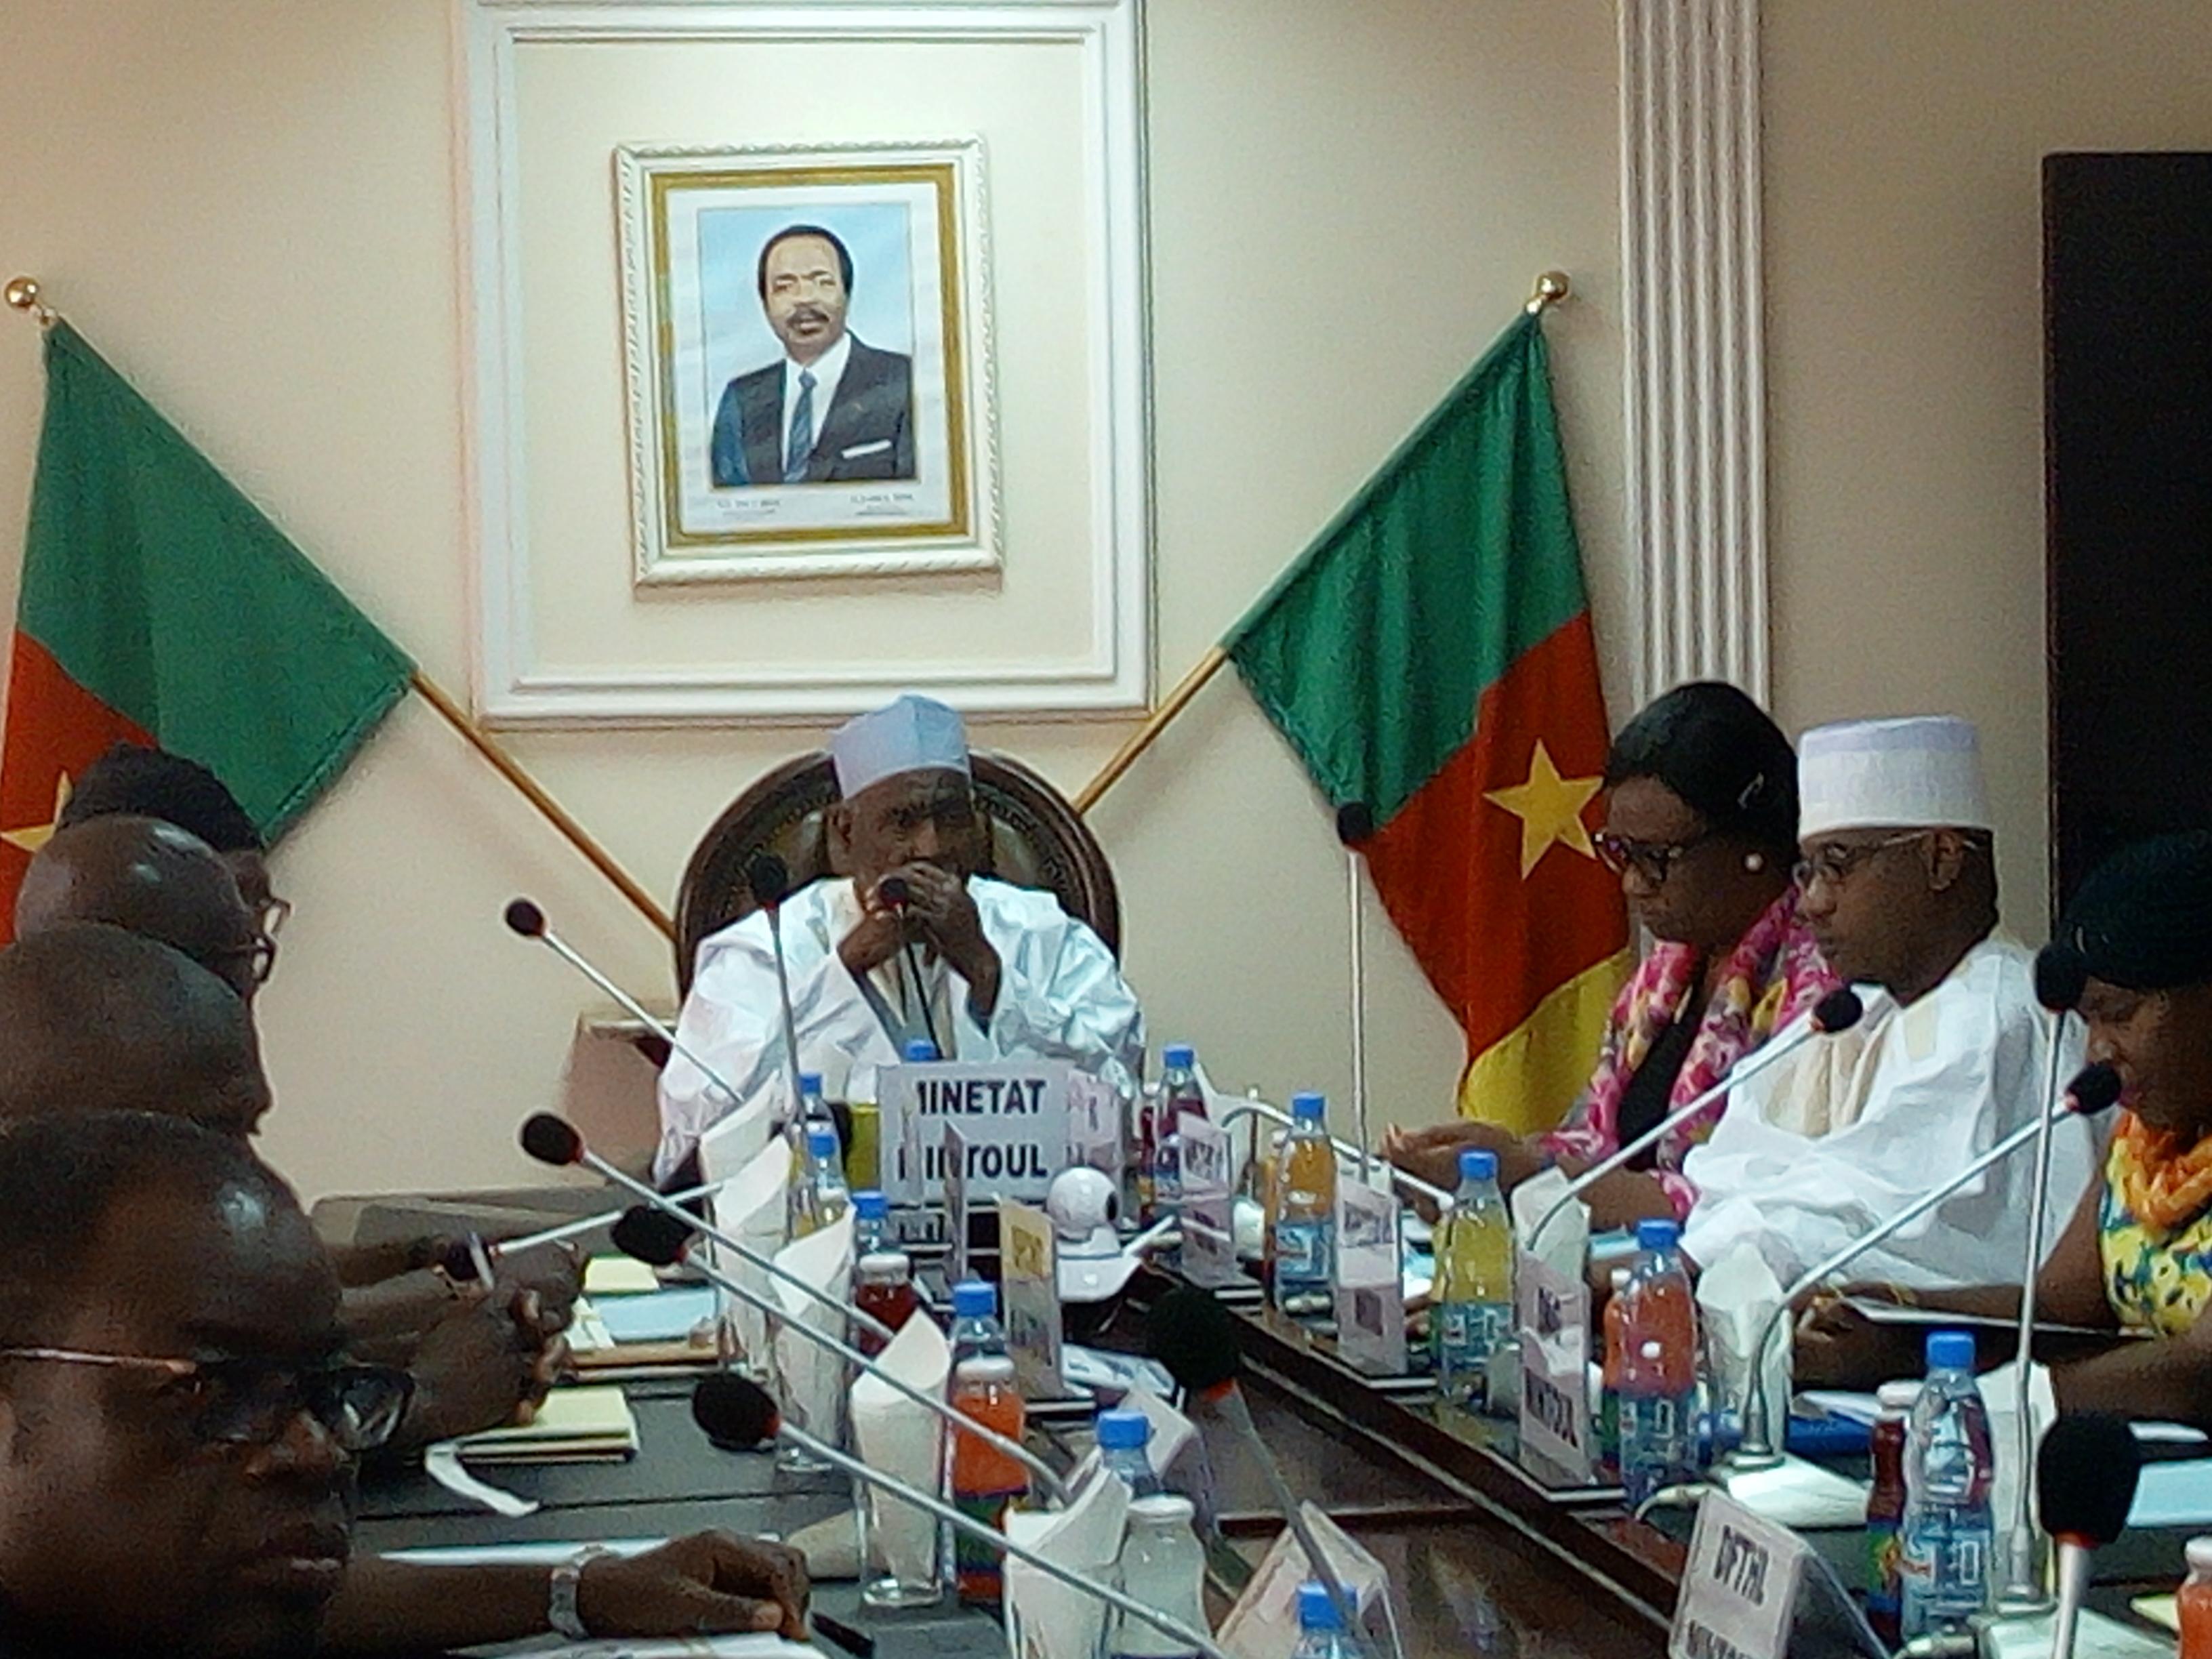 Le Ministre d'Etat Maigari Bello Bouba a promis de pérenniser le magazine